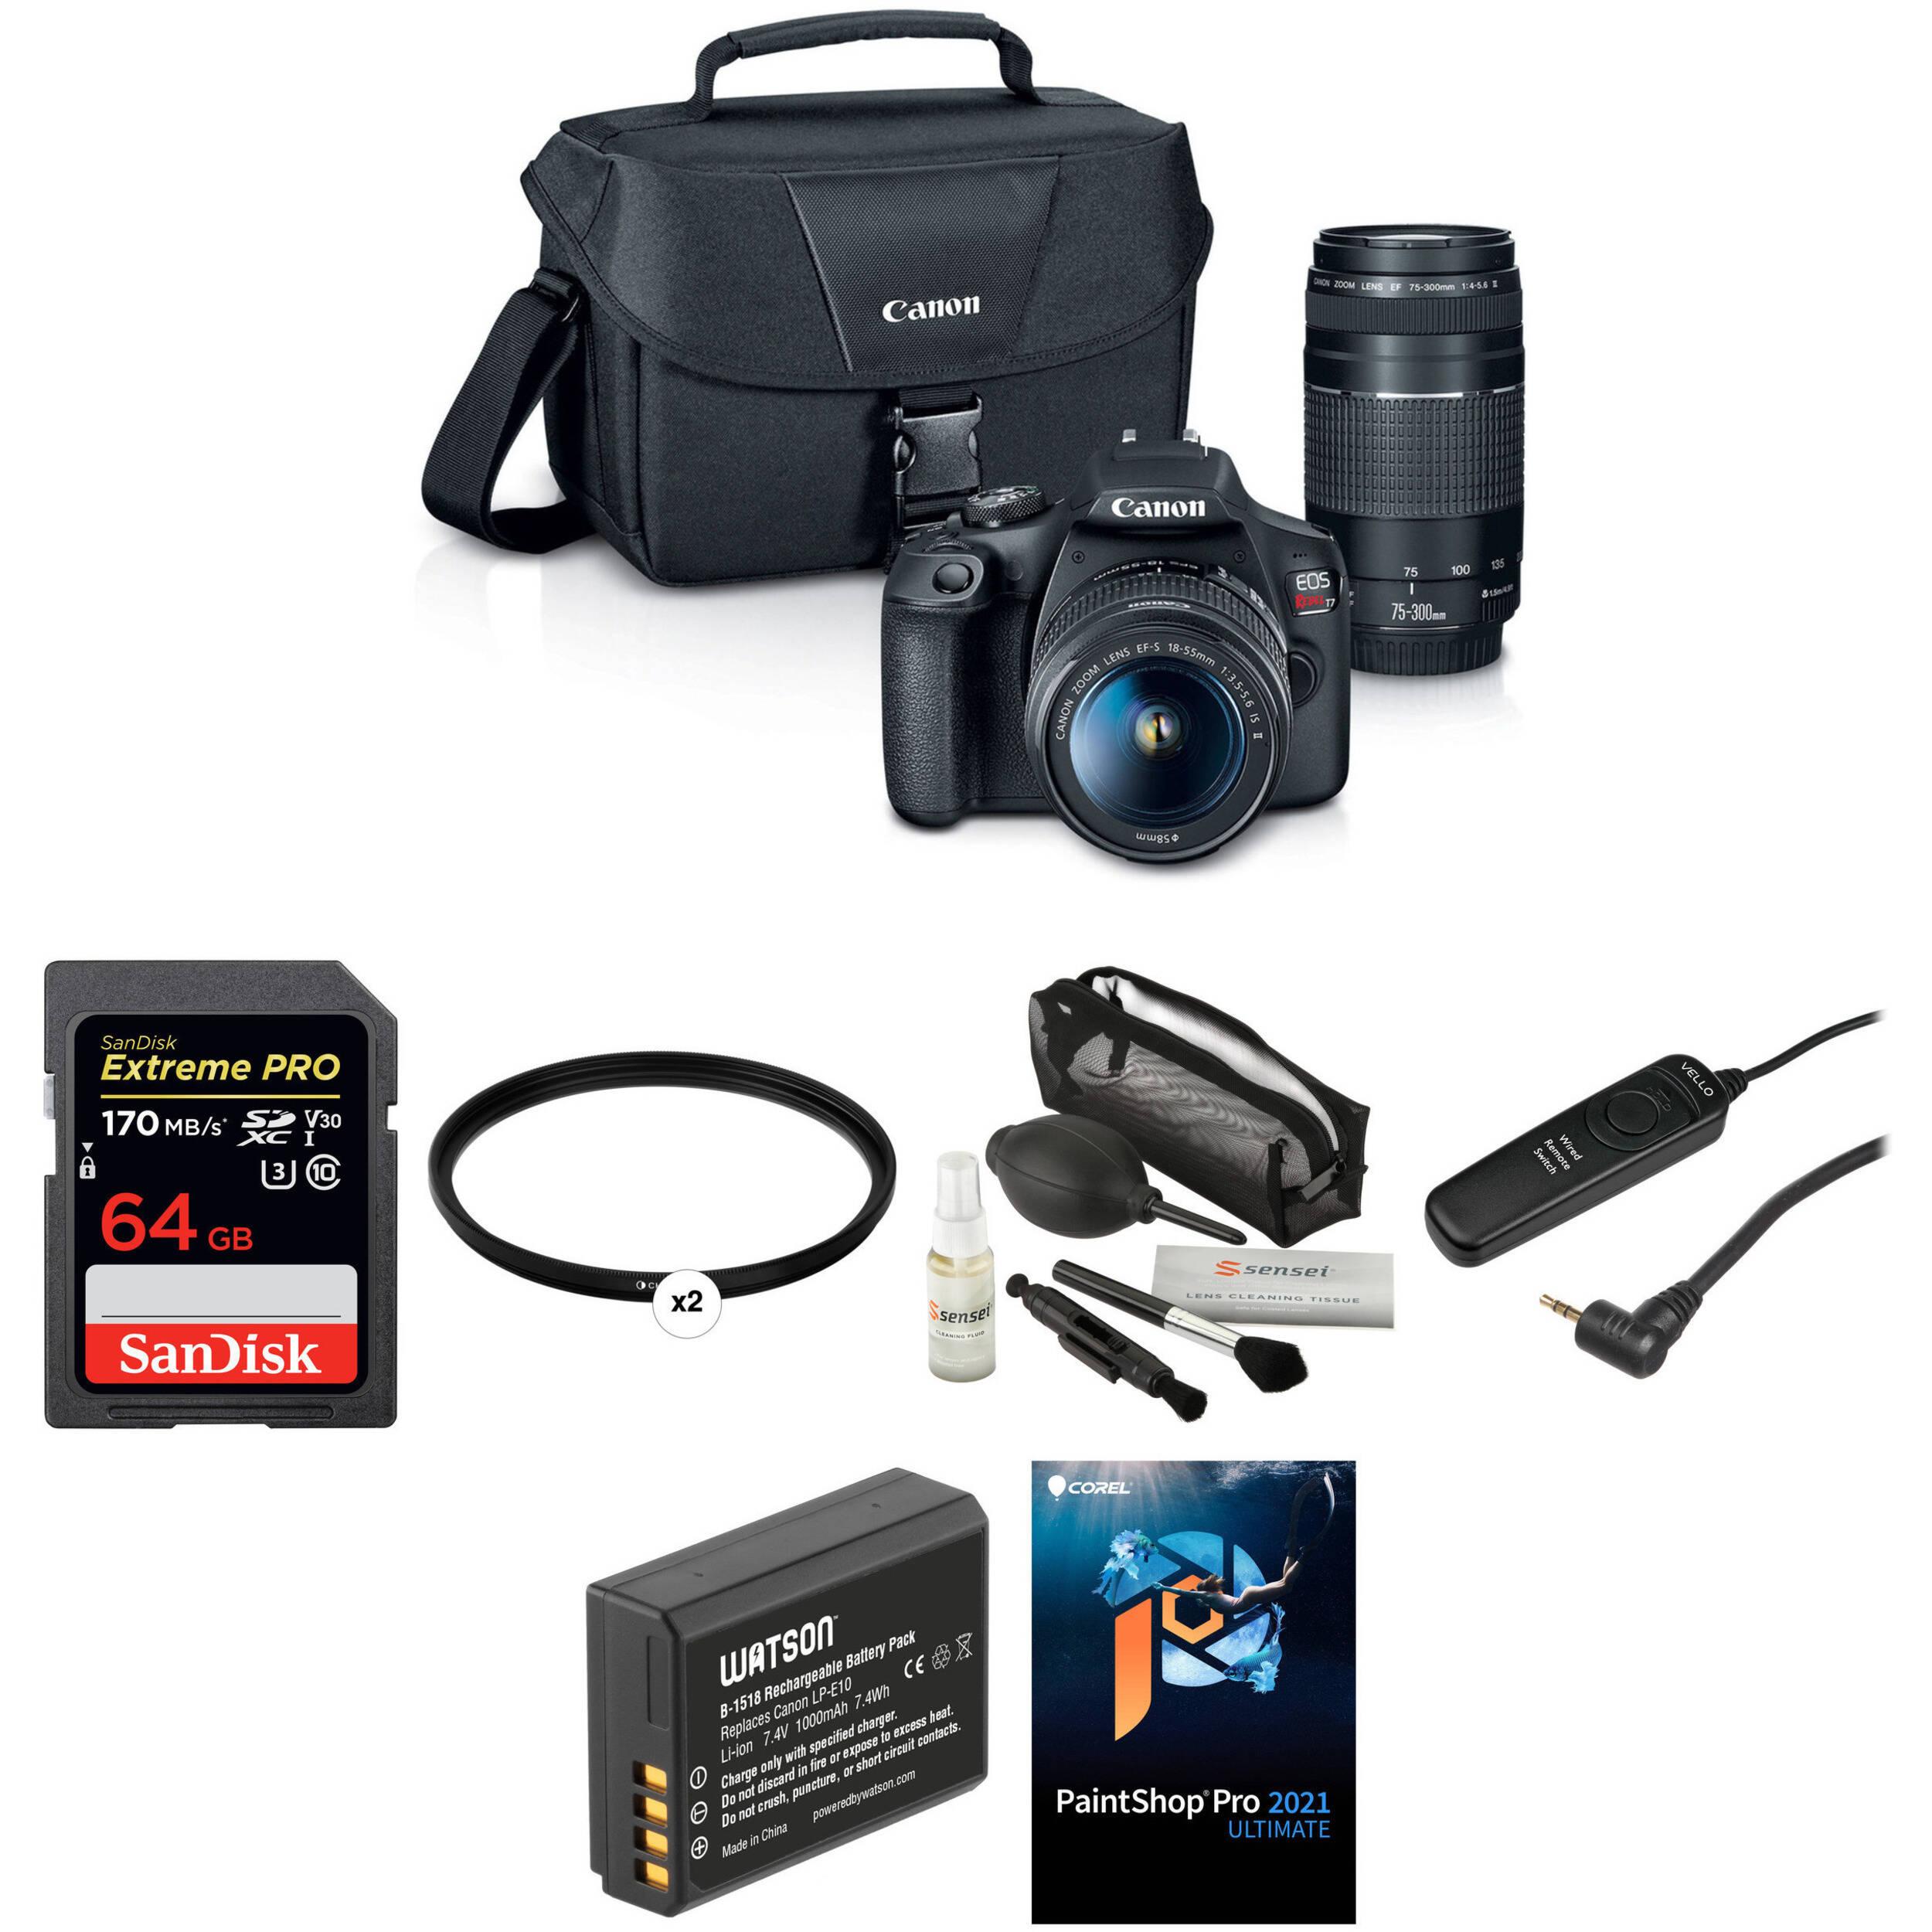 18-55mm Lens Kit Samsung GX10 Digital SLR Camera